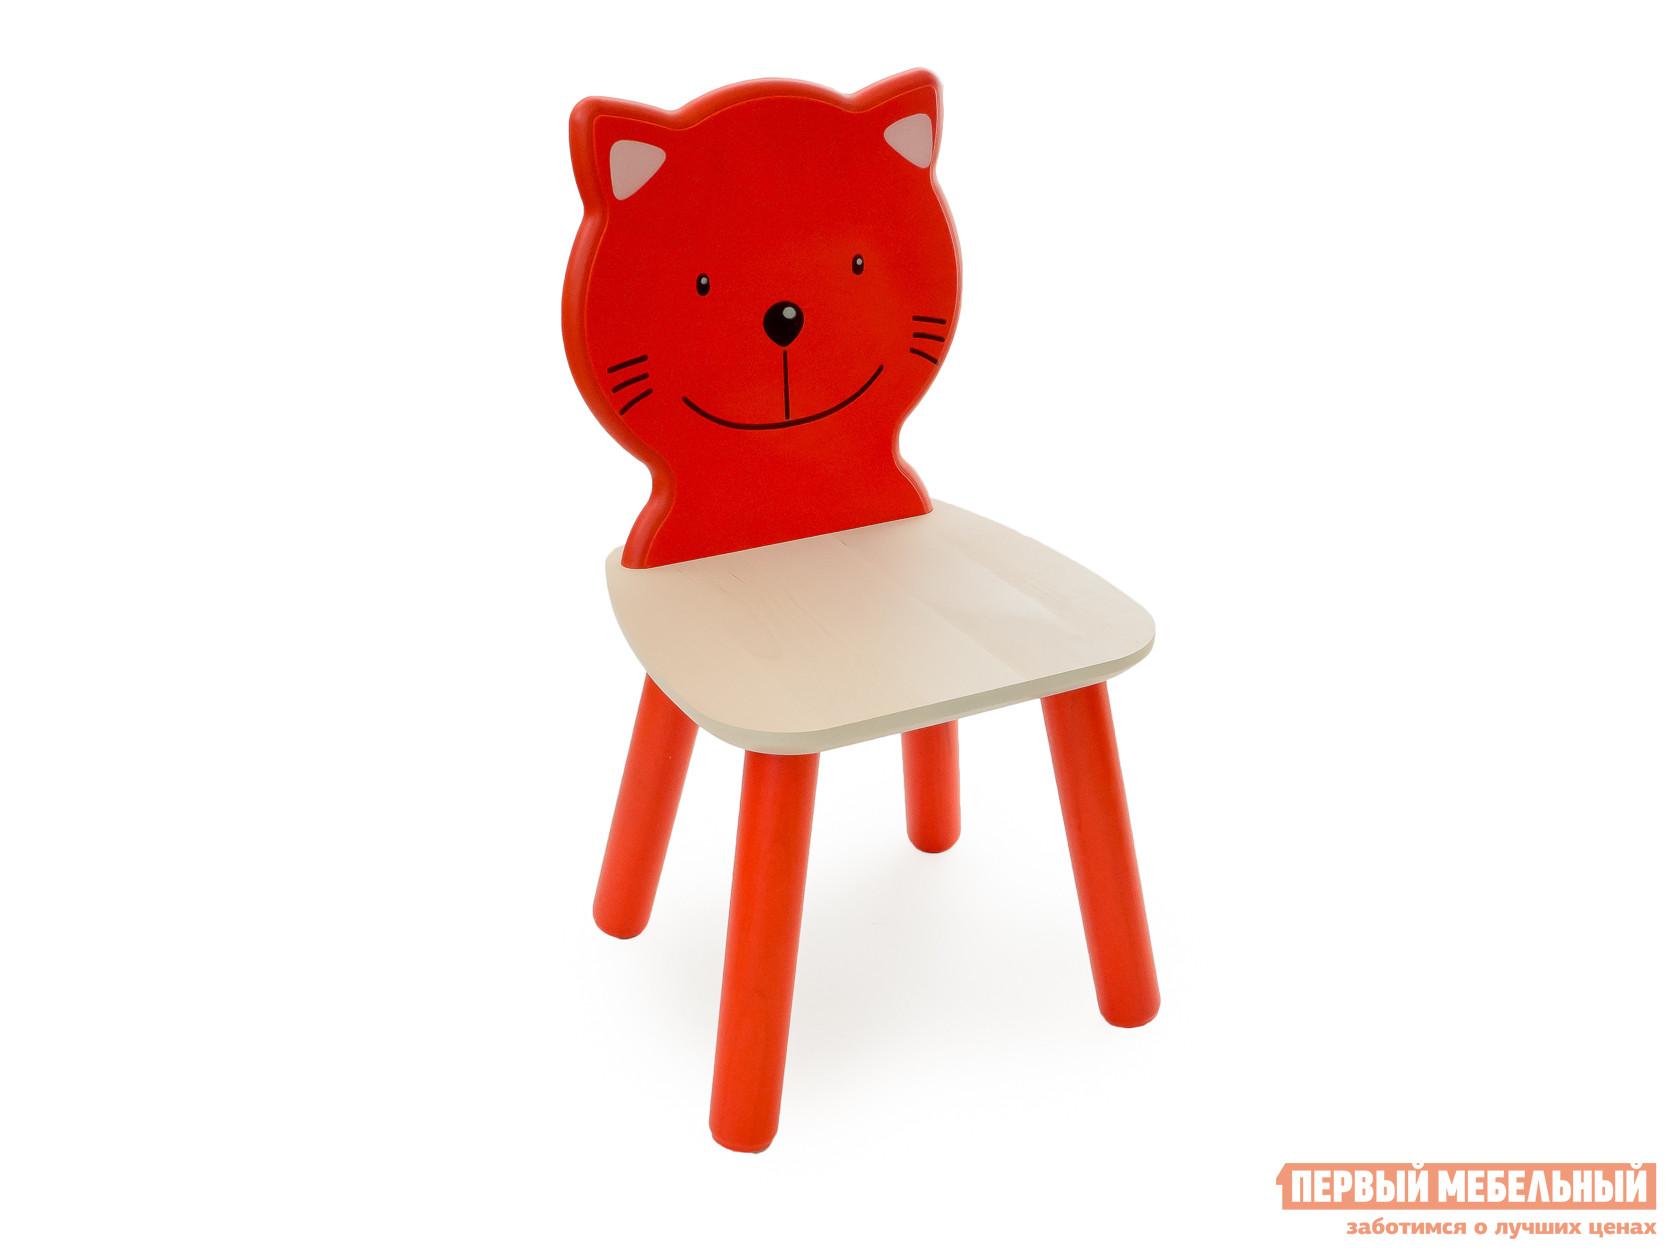 стульчик боровичи стул детский котенок Стульчик Боровичи Стул детский Котенок